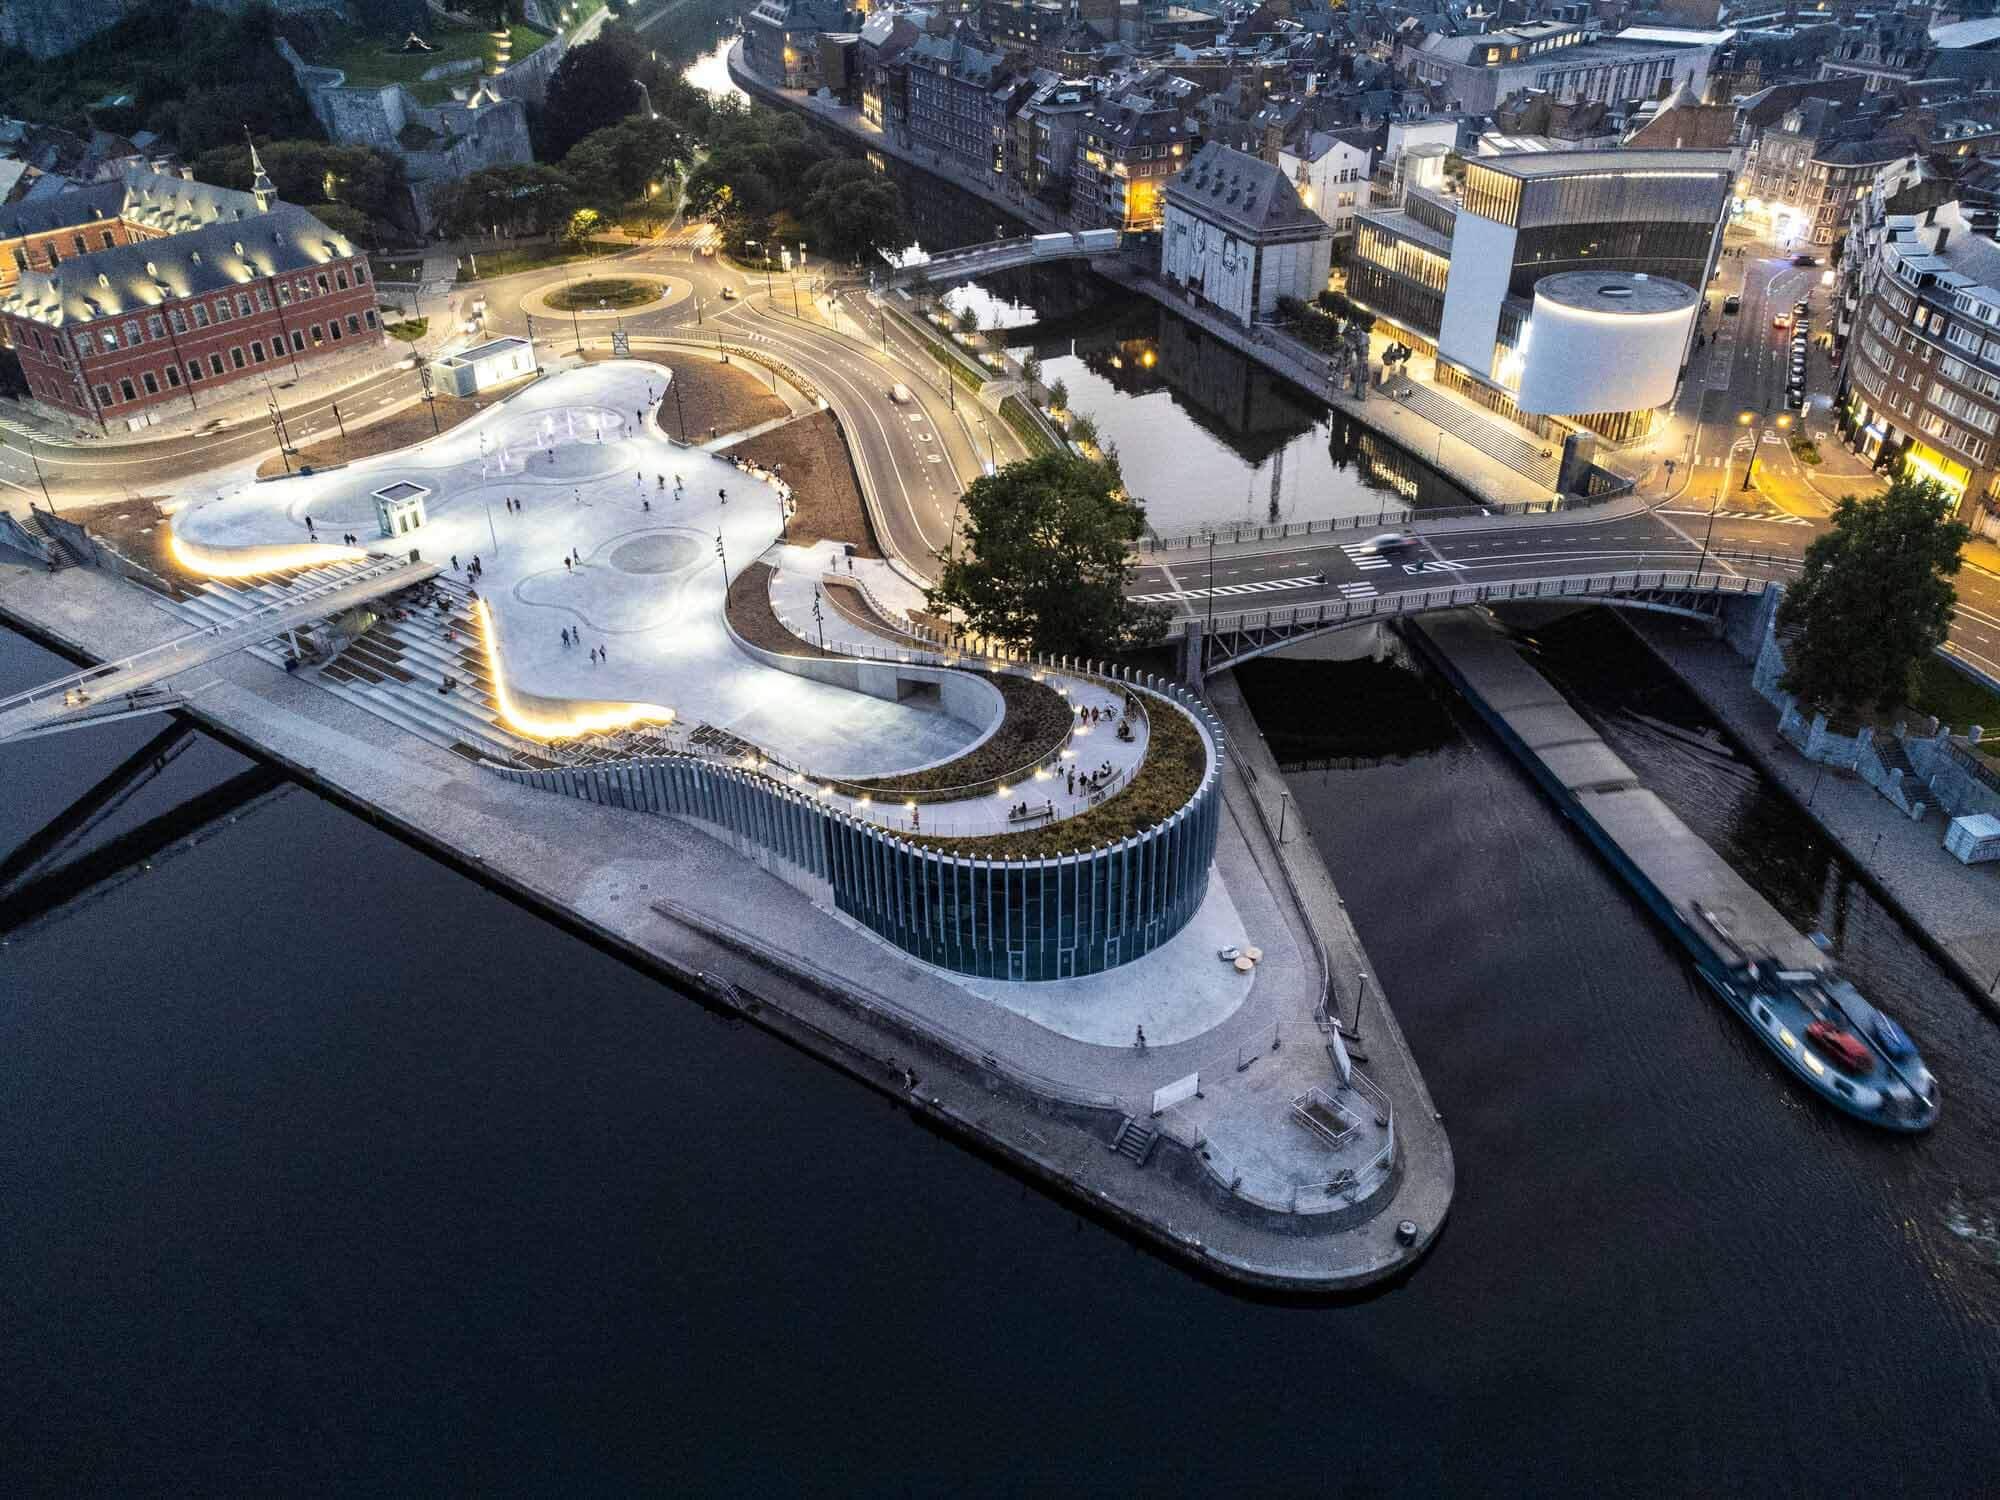 3XN завершает строительство выставочного пространства органической формы в Бельгии